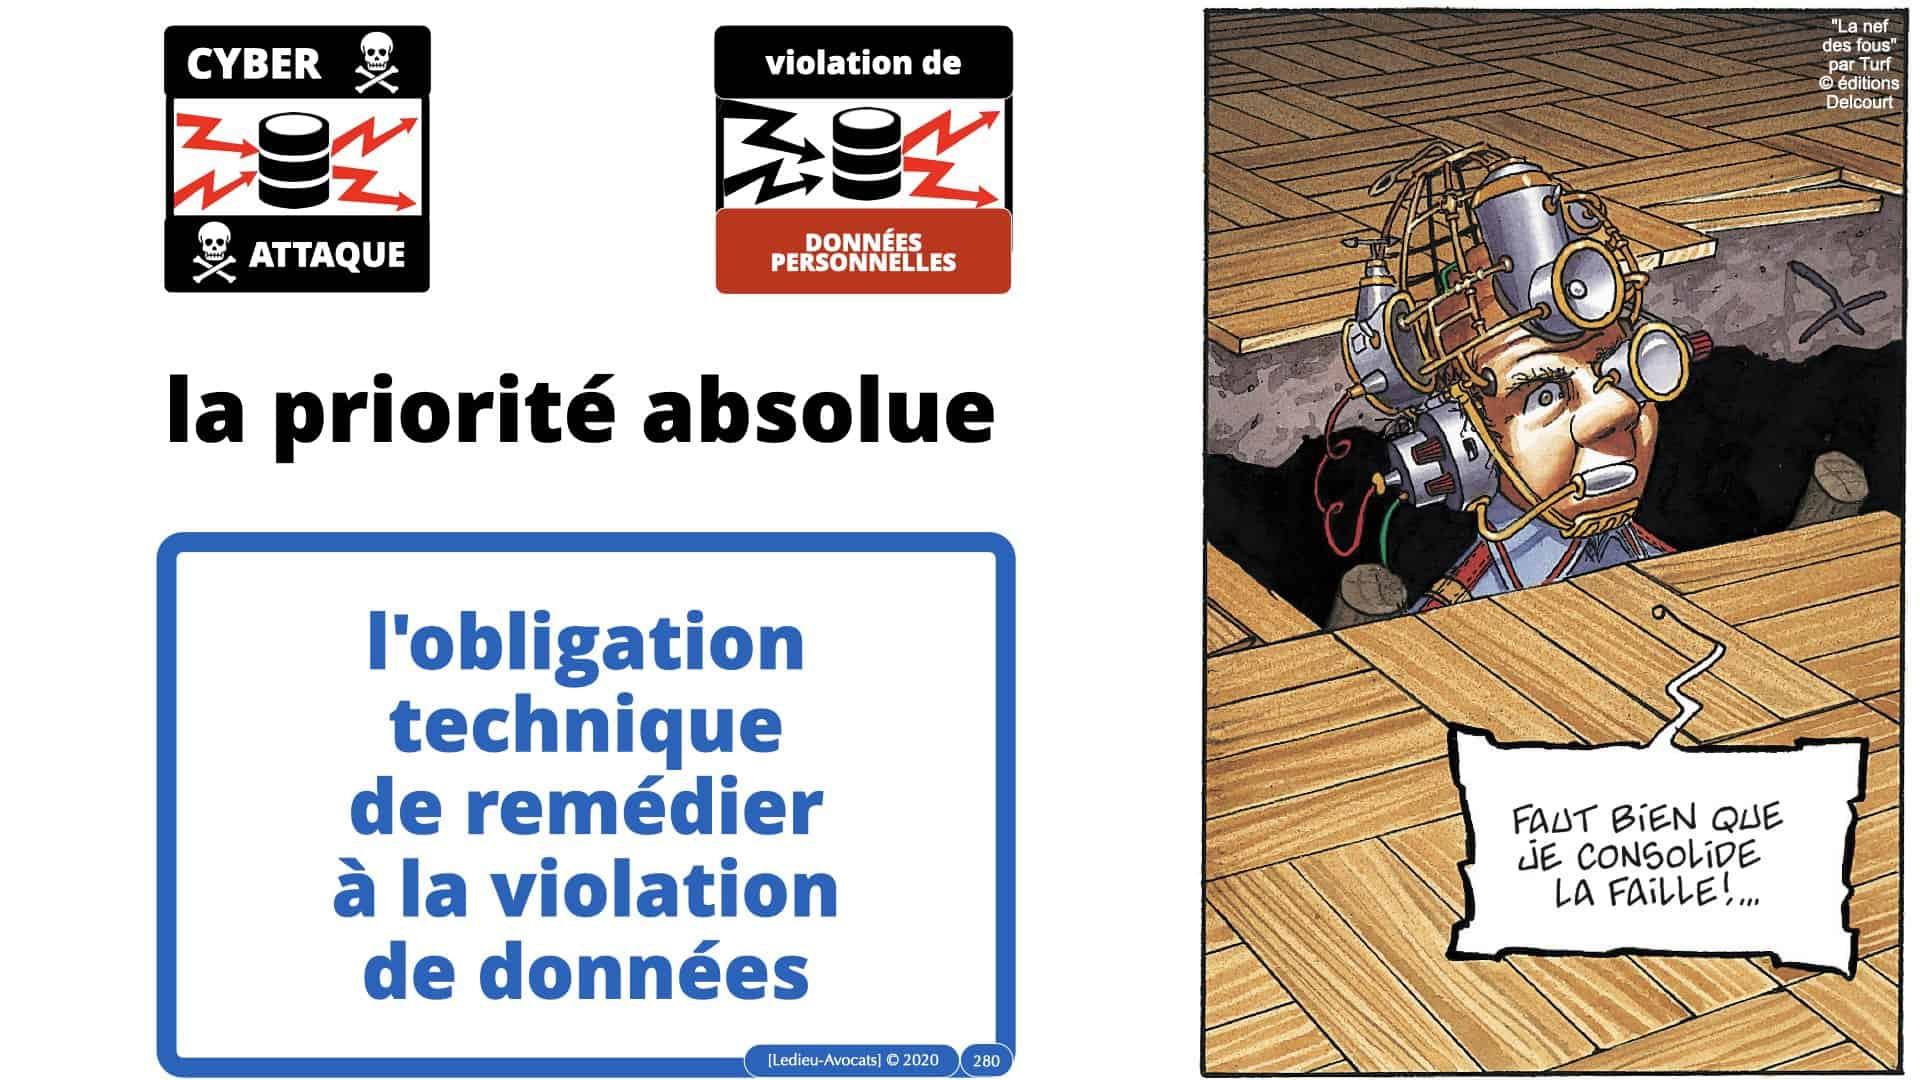 RGPD e-Privacy données personnelles jurisprudence formation Lamy Les Echos 10-02-2021 ©Ledieu-Avocats.280